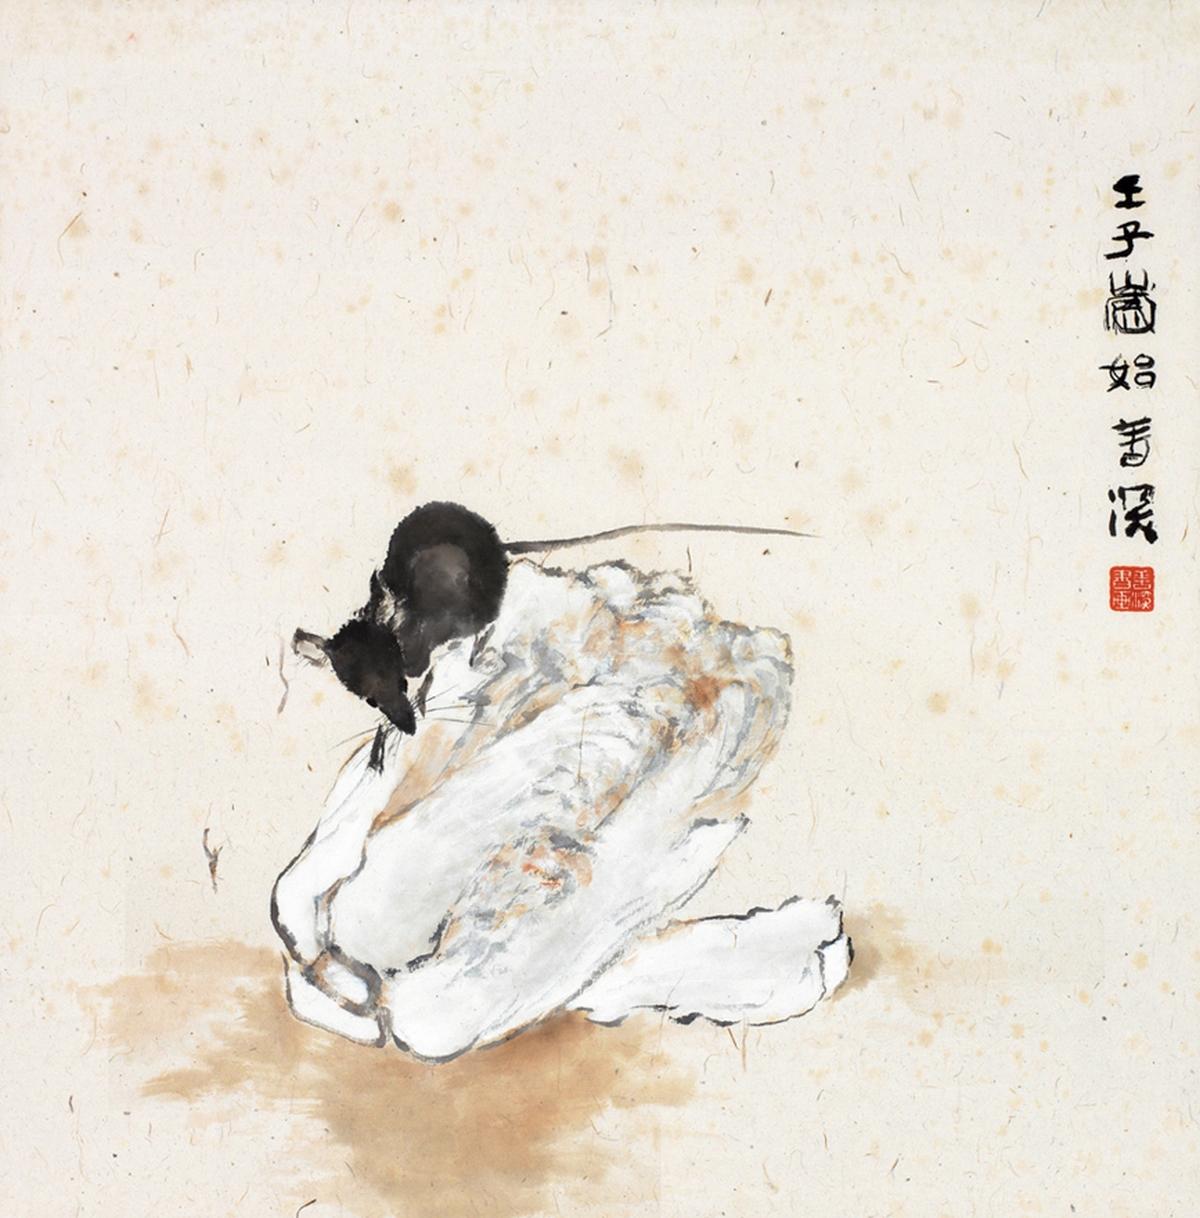 Un rat croque un choux chinois, encre et couleur sur papier, Yang Shanshen